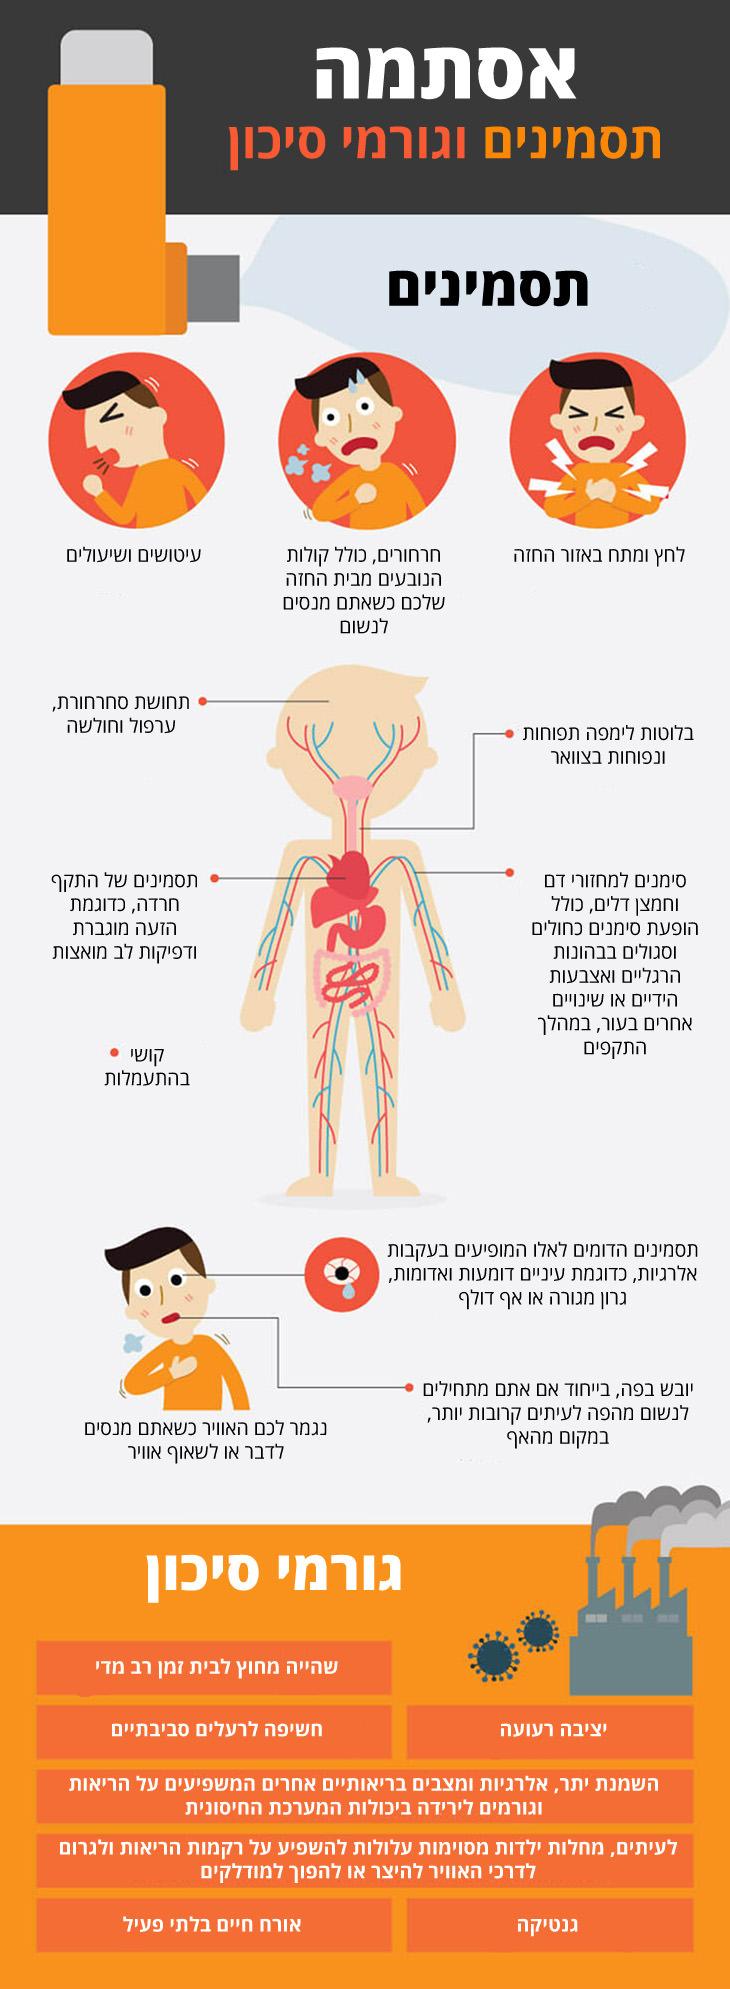 אסתמה - גורמי סיכון, תסמינים וטיפול באמצעות תזונה